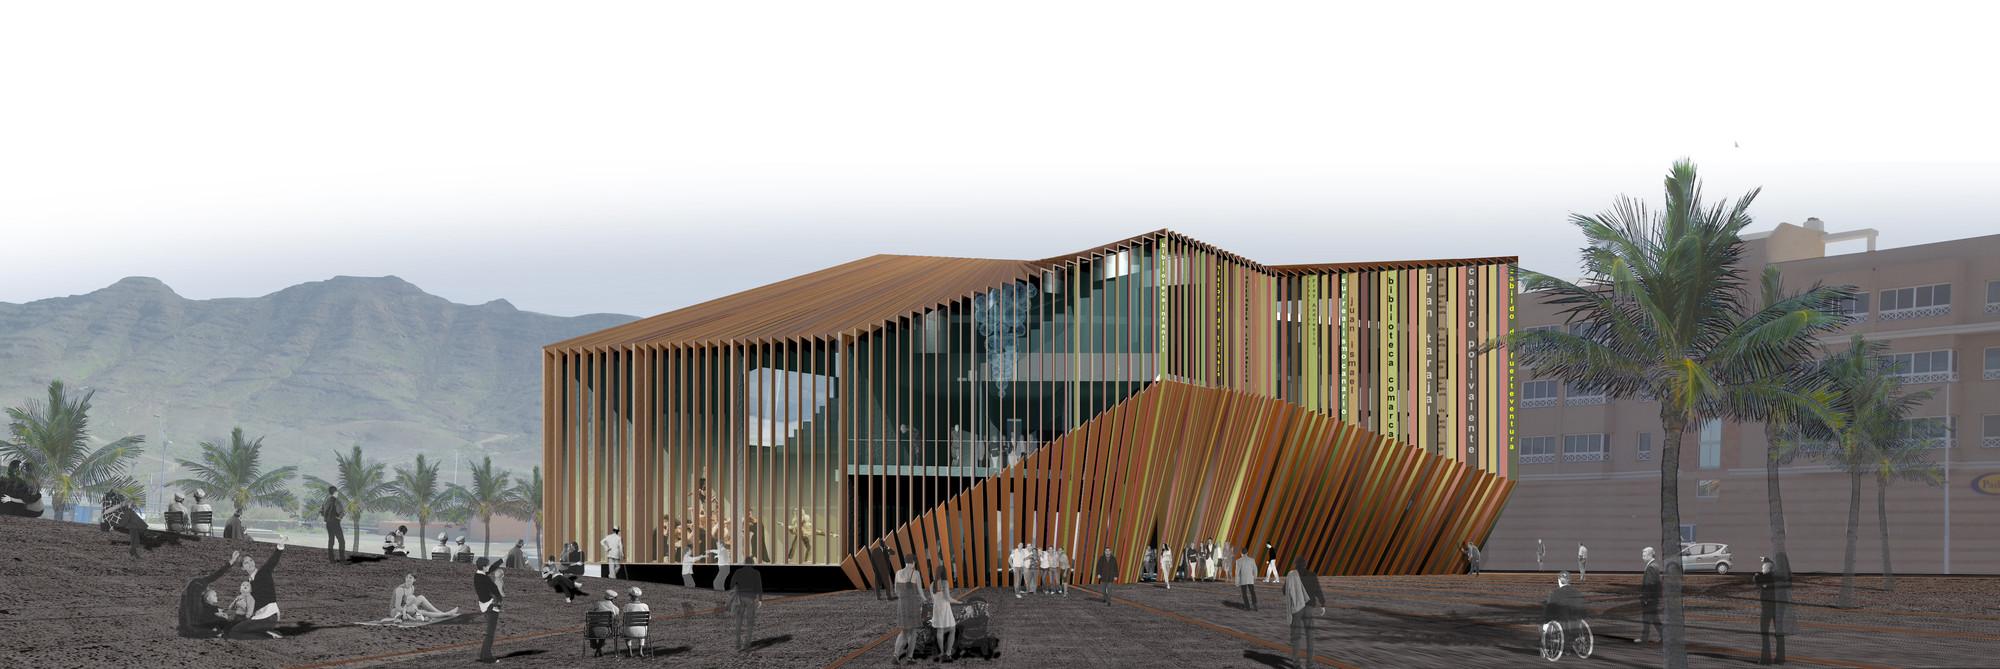 Primer Lugar Biblioteca y Centro Polivalente de Fuerteventura / Islas Canarias, España, Vista desde plaza. Image Courtesy of SUMA